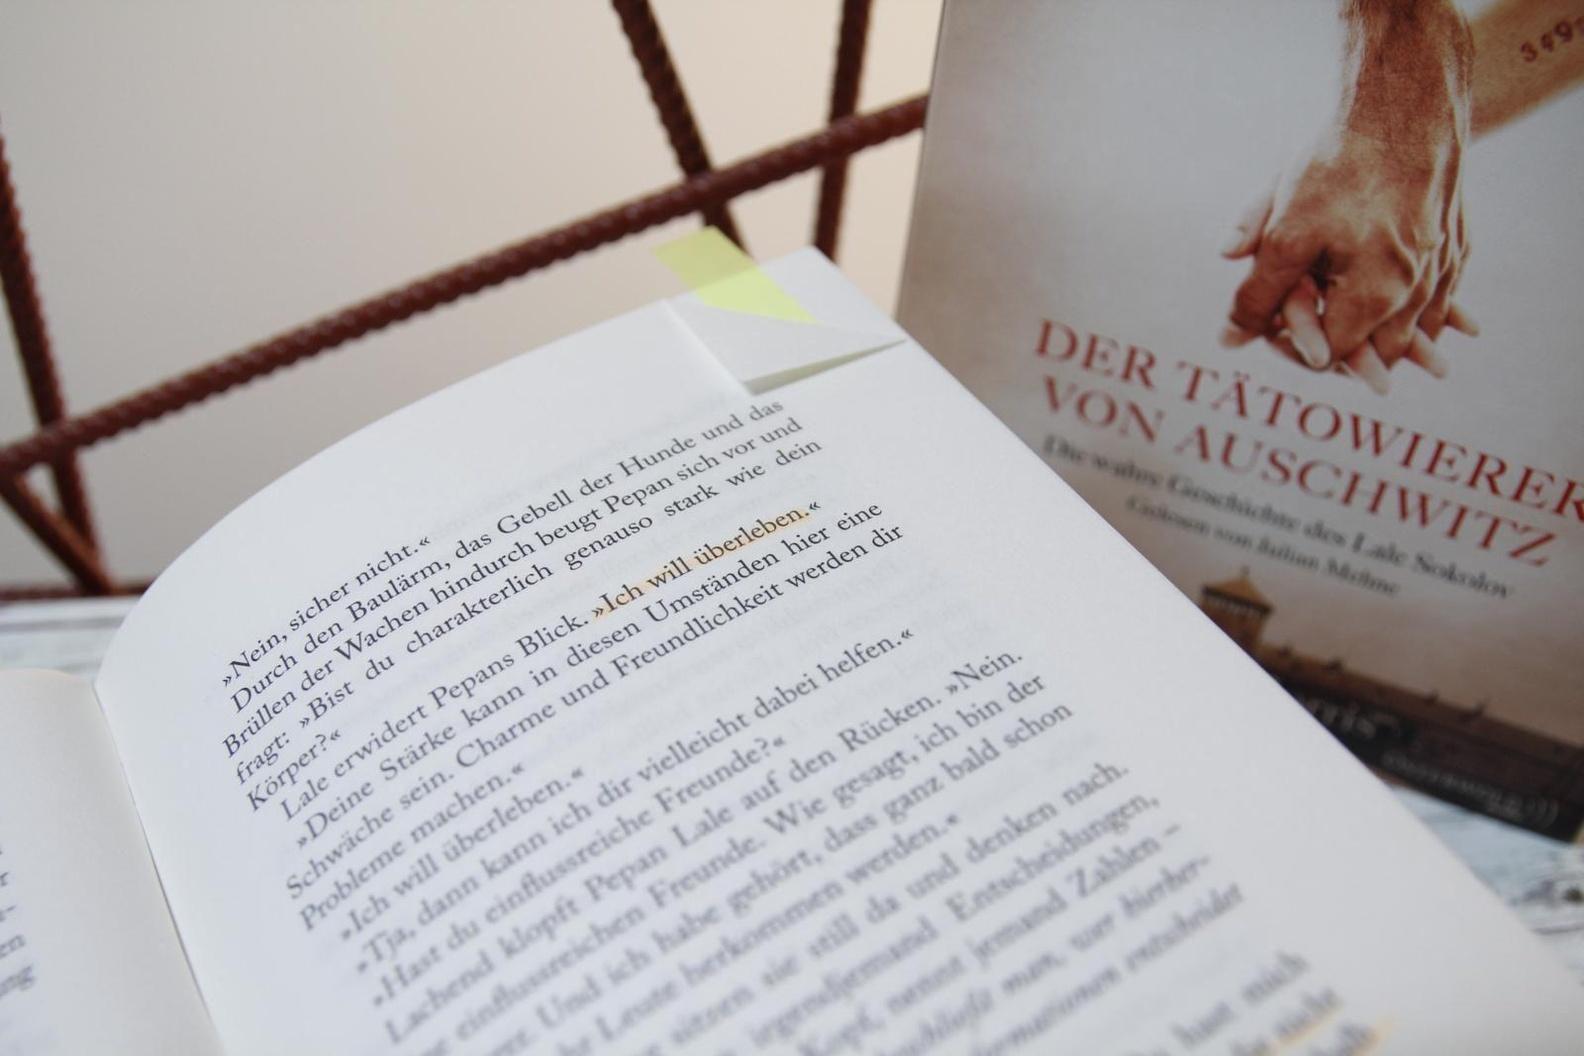 Der Tatowierer Von Auschwitz Buch Versandkostenfrei Bei Weltbild De